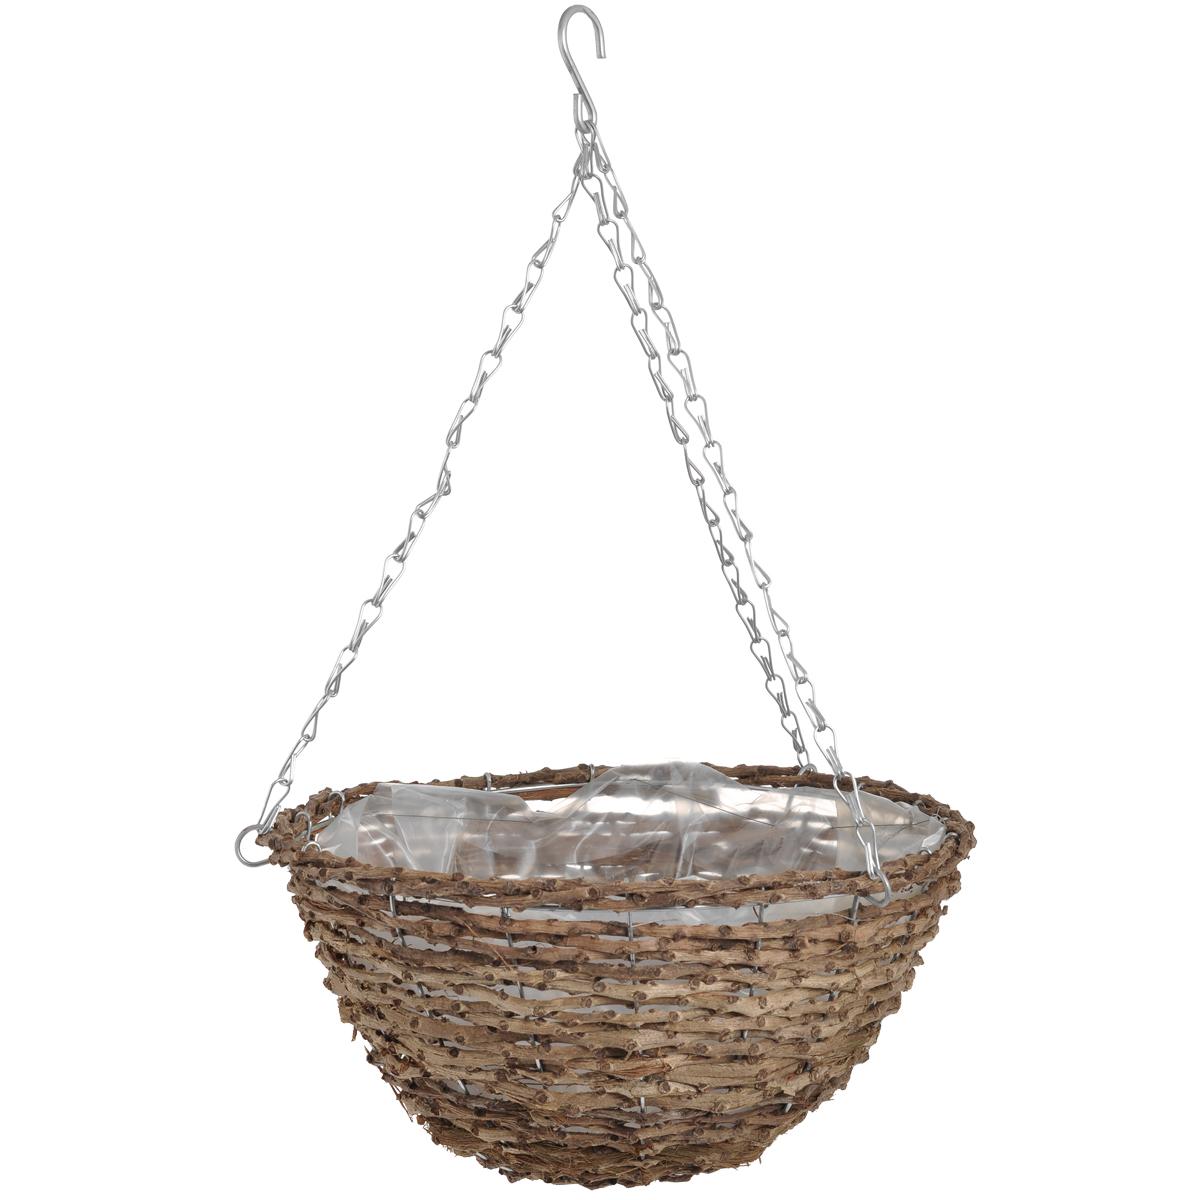 Корзина подвесная для цветов Gardman, диаметр 35 см. 0203502035Подвесная плетеная корзина Gardman изготовлена из рустика. Каркас выполнен из металла. Корзина уже оснащена специальной пленкой и полностью готова для посадки растений. Прекрасно подходит для цветов. Подвешивается с помощью специальной тройной металлической цепи с крючком.Кашпо часто становятся последним штрихом, который совершенно изменяет интерьер помещения или ландшафтный дизайн сада. Благодаря такому кашпо вы сможете украсить вашу комнату, офис или сад. Характеристики: Материал: металл, рустик. Диаметр корзины: 35 см. Высота корзины: 16 см. Товары для садоводства от Gardman - это вещи, сделанные с любовью, с истинно английской практичностью, основанной на глубоких традициях садоводства Великобритании. Эти товары широко известны садоводам Европы, США, Канады и Японии. Демократичные цены и продуманный ассортимент Gardman завоевал признательность и российского покупателя, достойного хороших, качественных вещей. В ассортименте Gardman есть практически все, что нужно современному садоводу - от совочка для рассады до предметов декора и ландшафтного дизайна.